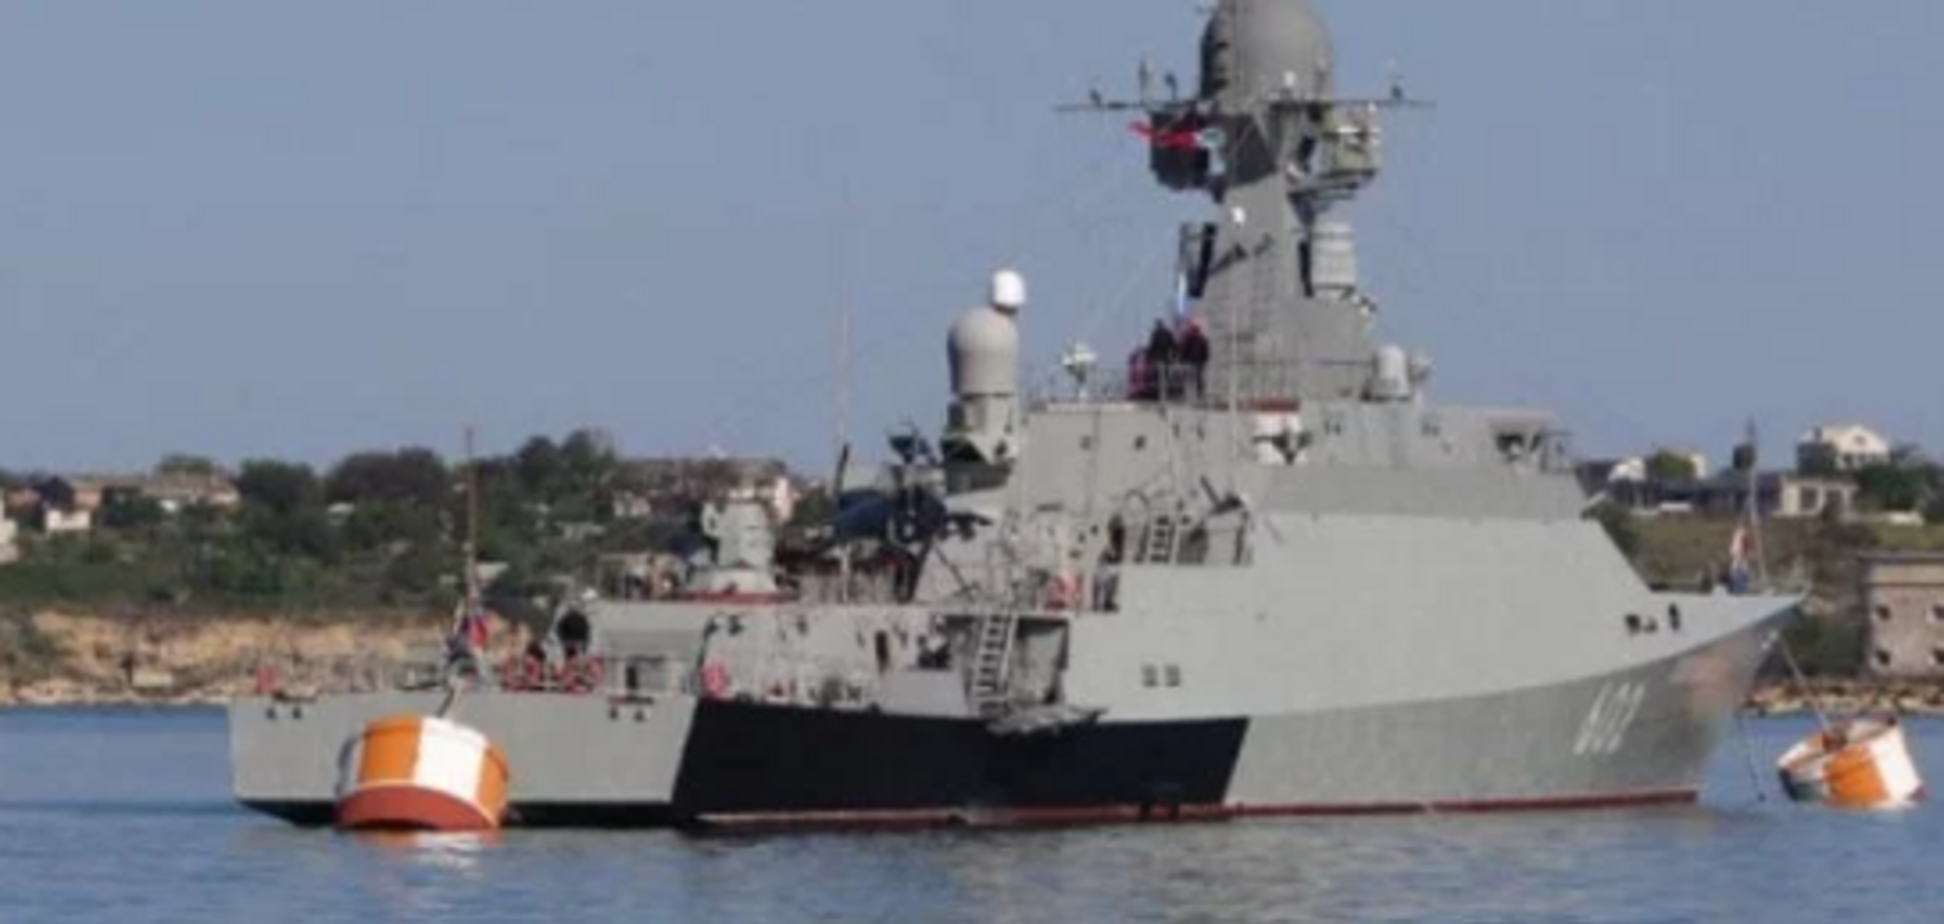 Оккупанты перебросили в Крым боевой корабль с ракетами: фото